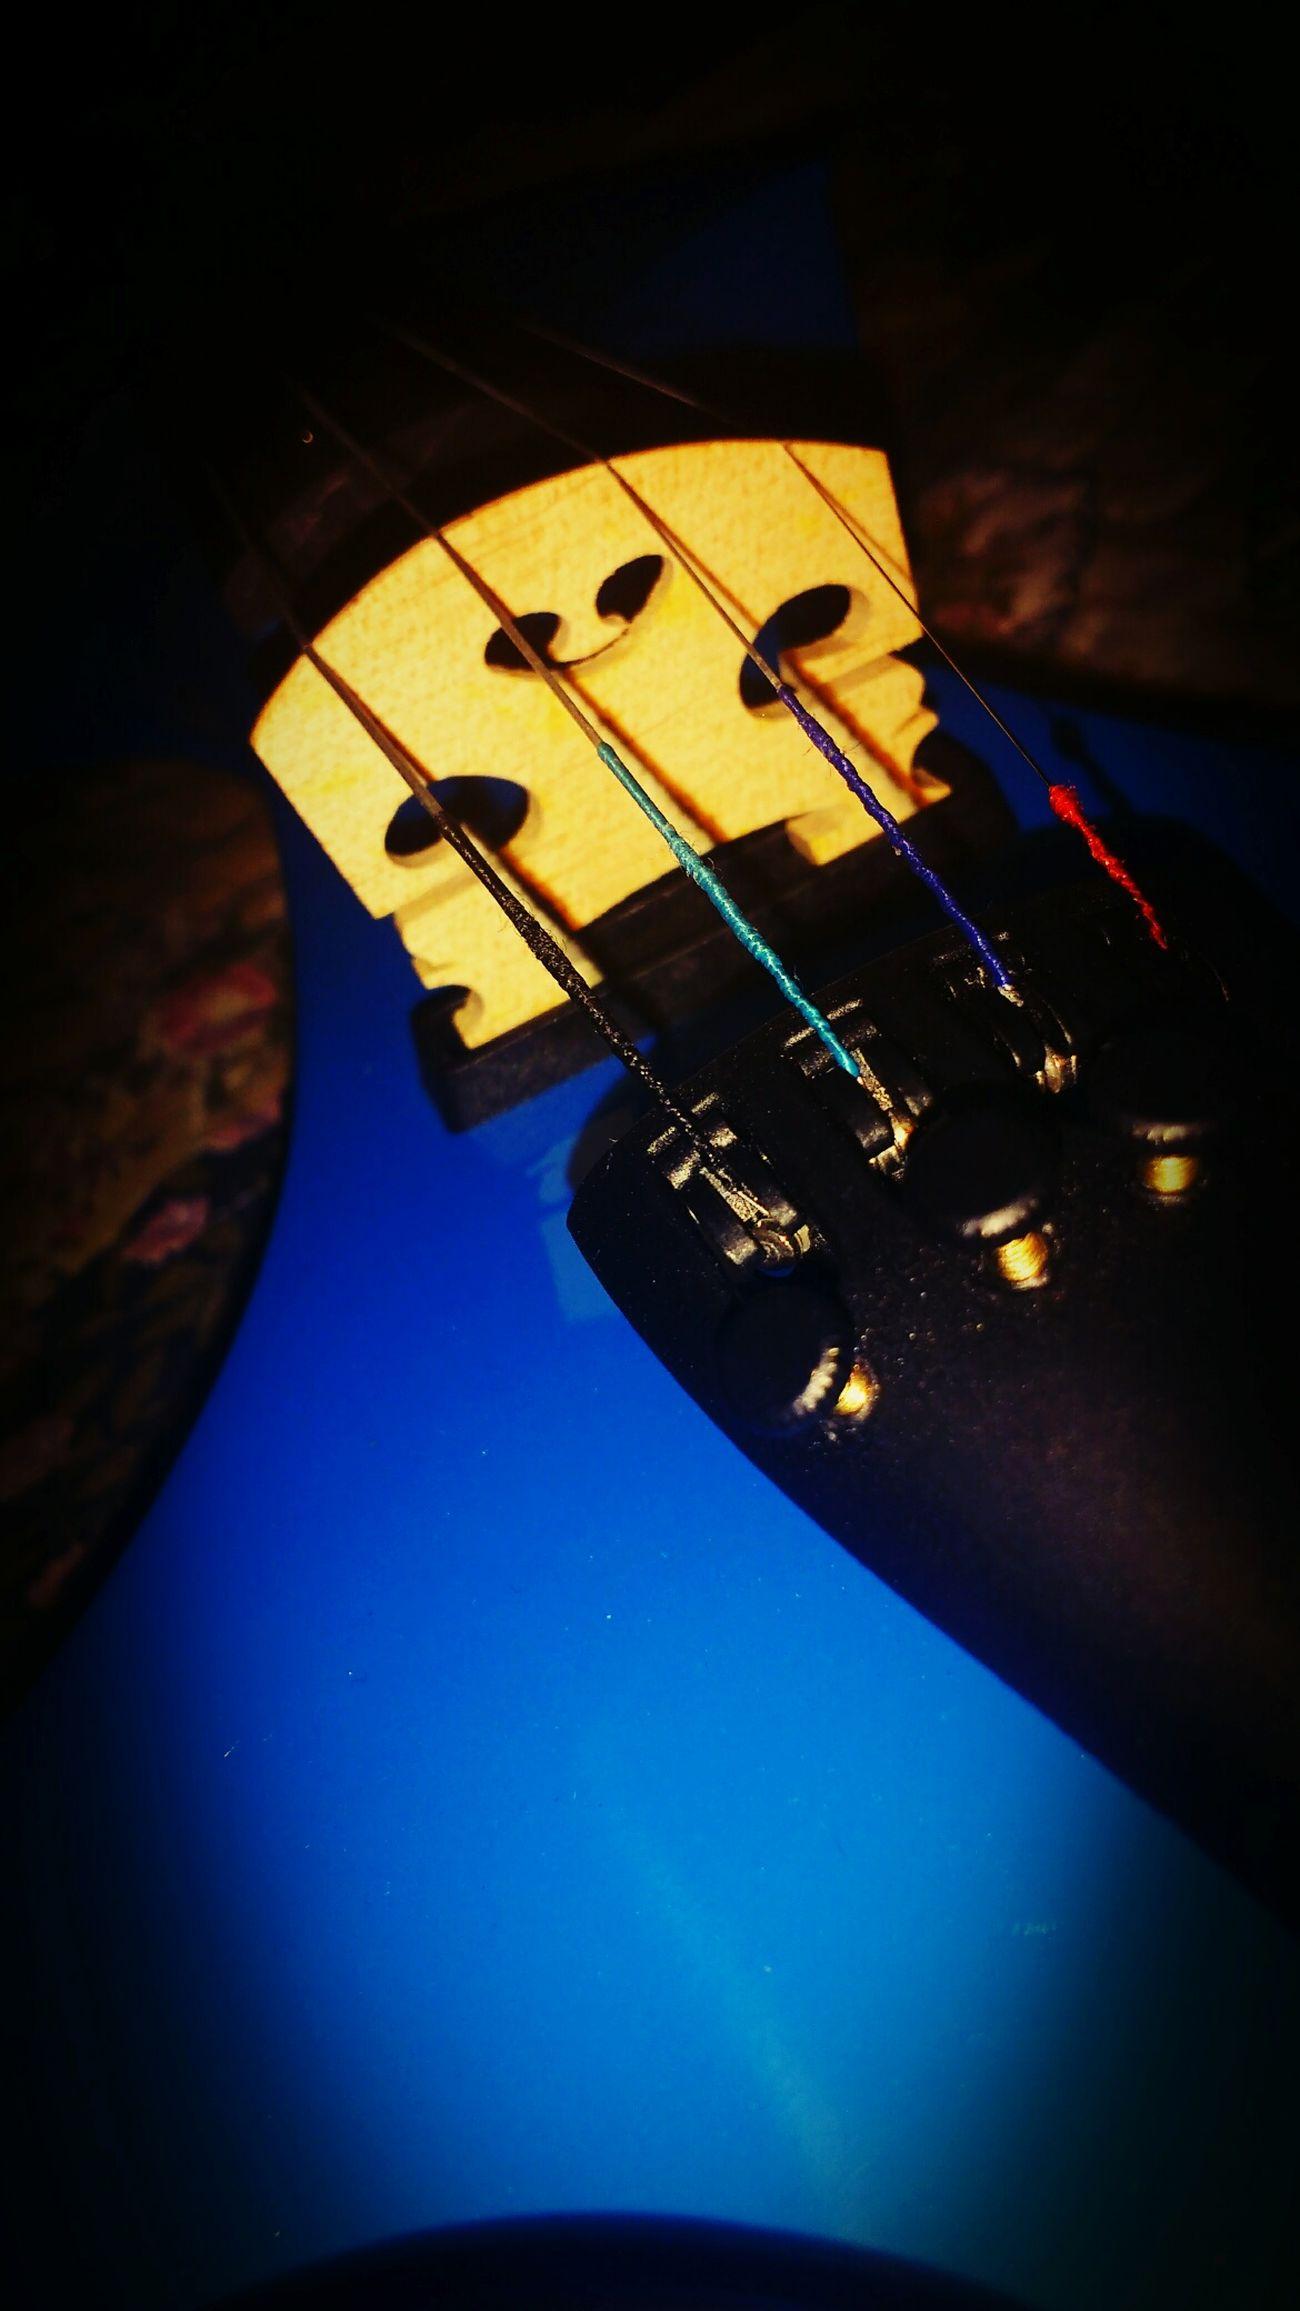 Violin String Instrument Cuerdas Photos Of Violin